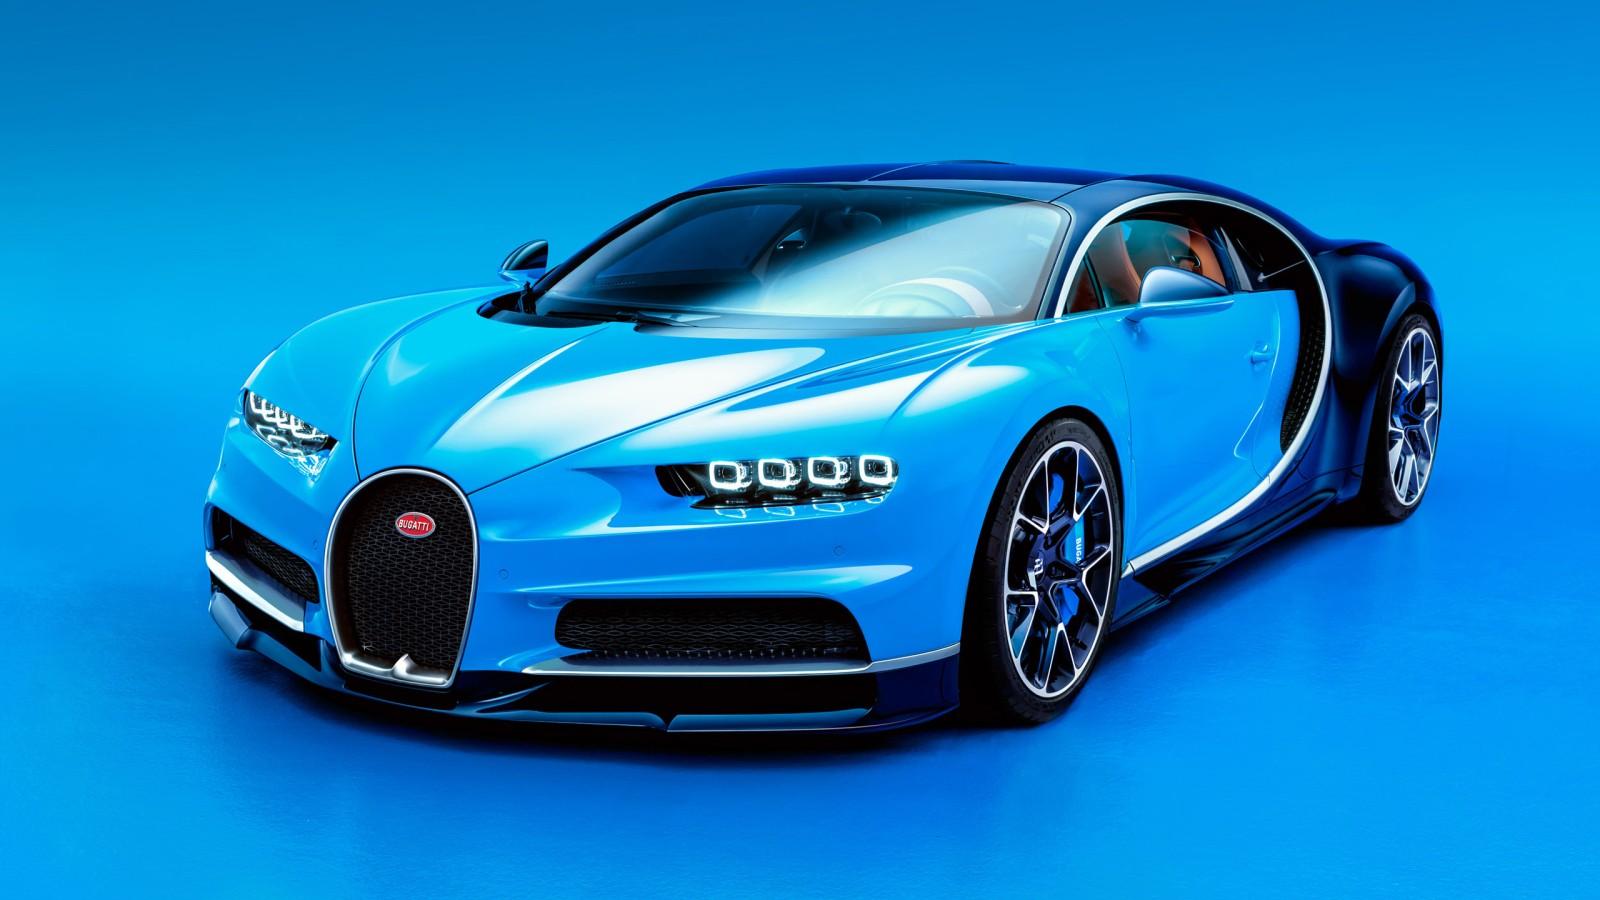 Hd Jaguar Car Wallpaper Download 2016 Bugatti Chiron Wallpaper Hd Car Wallpapers Id 6280